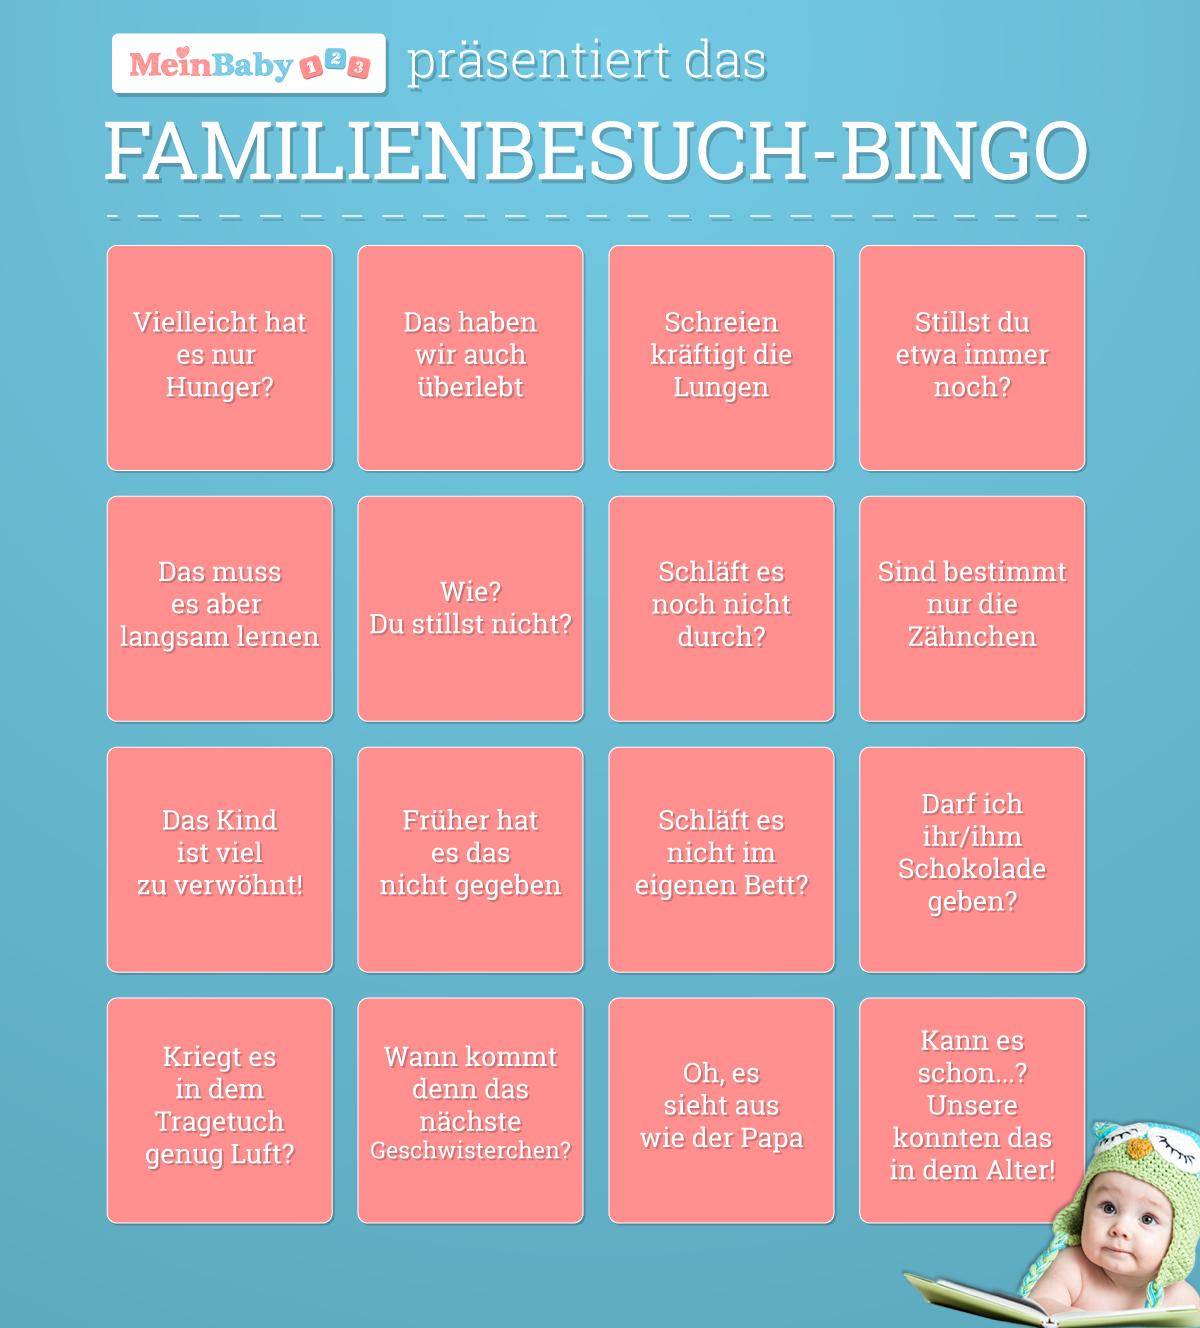 Bullshit Bingo für den Familienbesuch